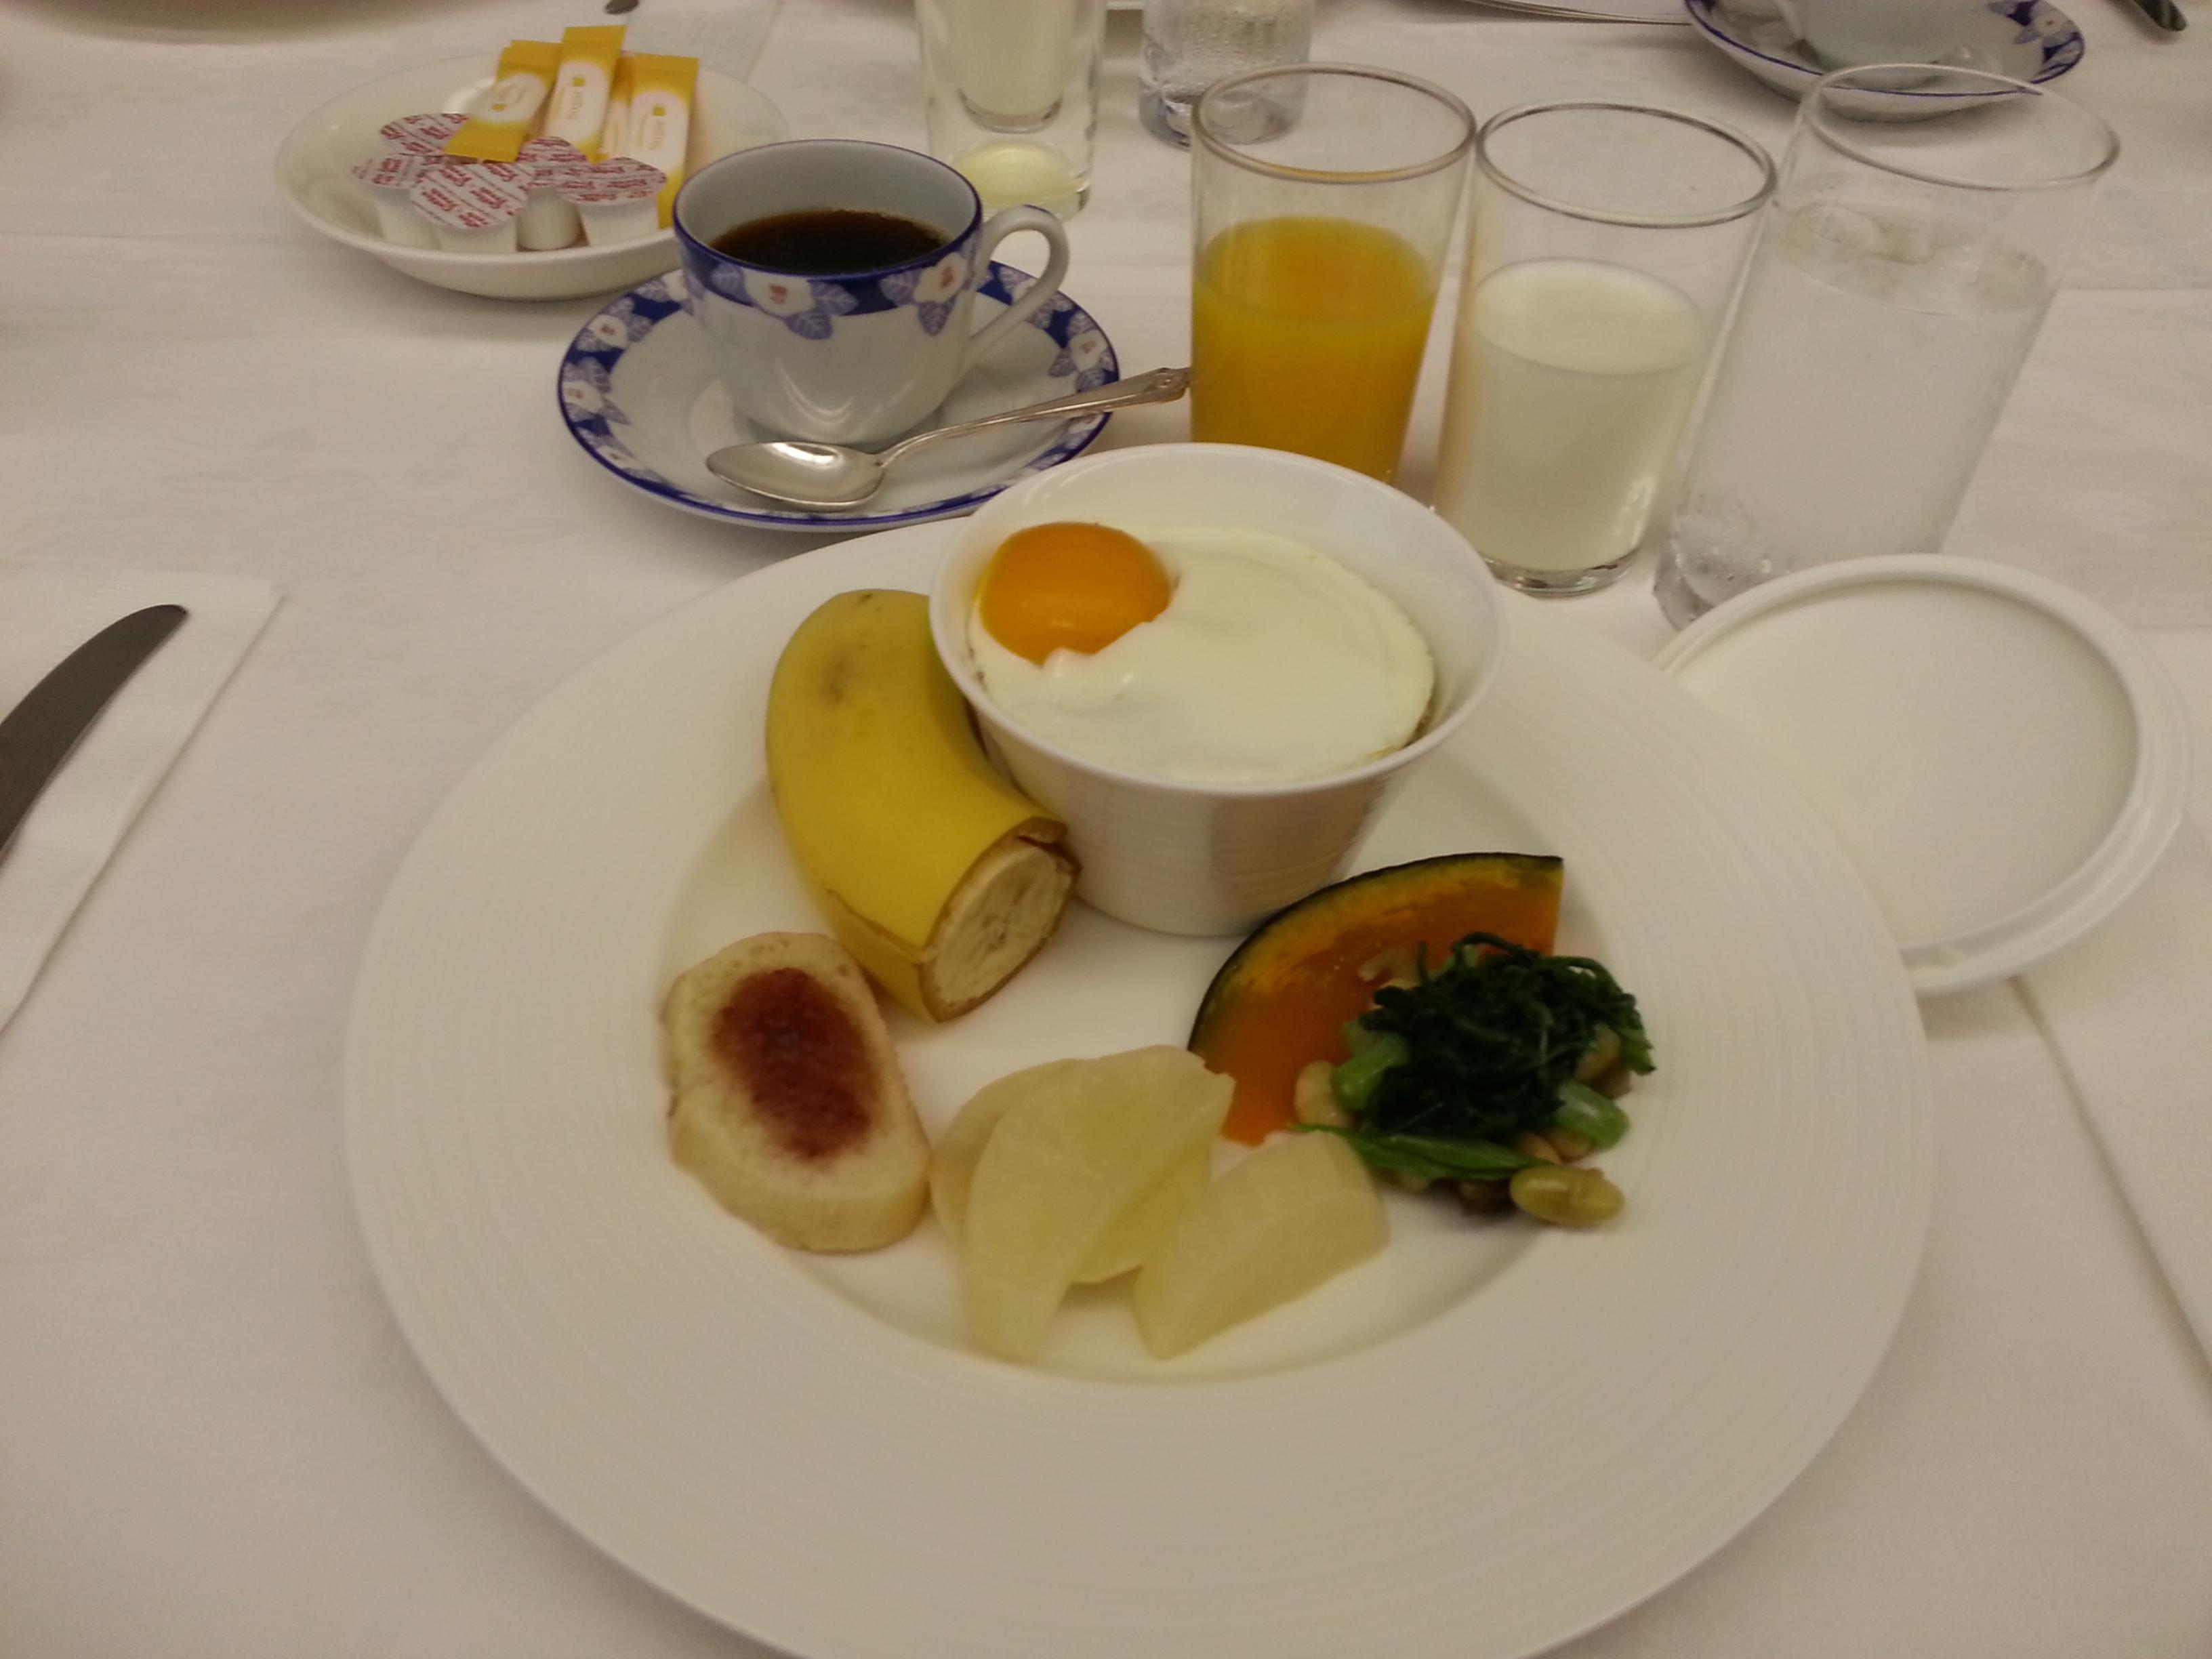 アサヒグループホールディングスの加賀美昇氏が、第25回エシカル朝食会で講演